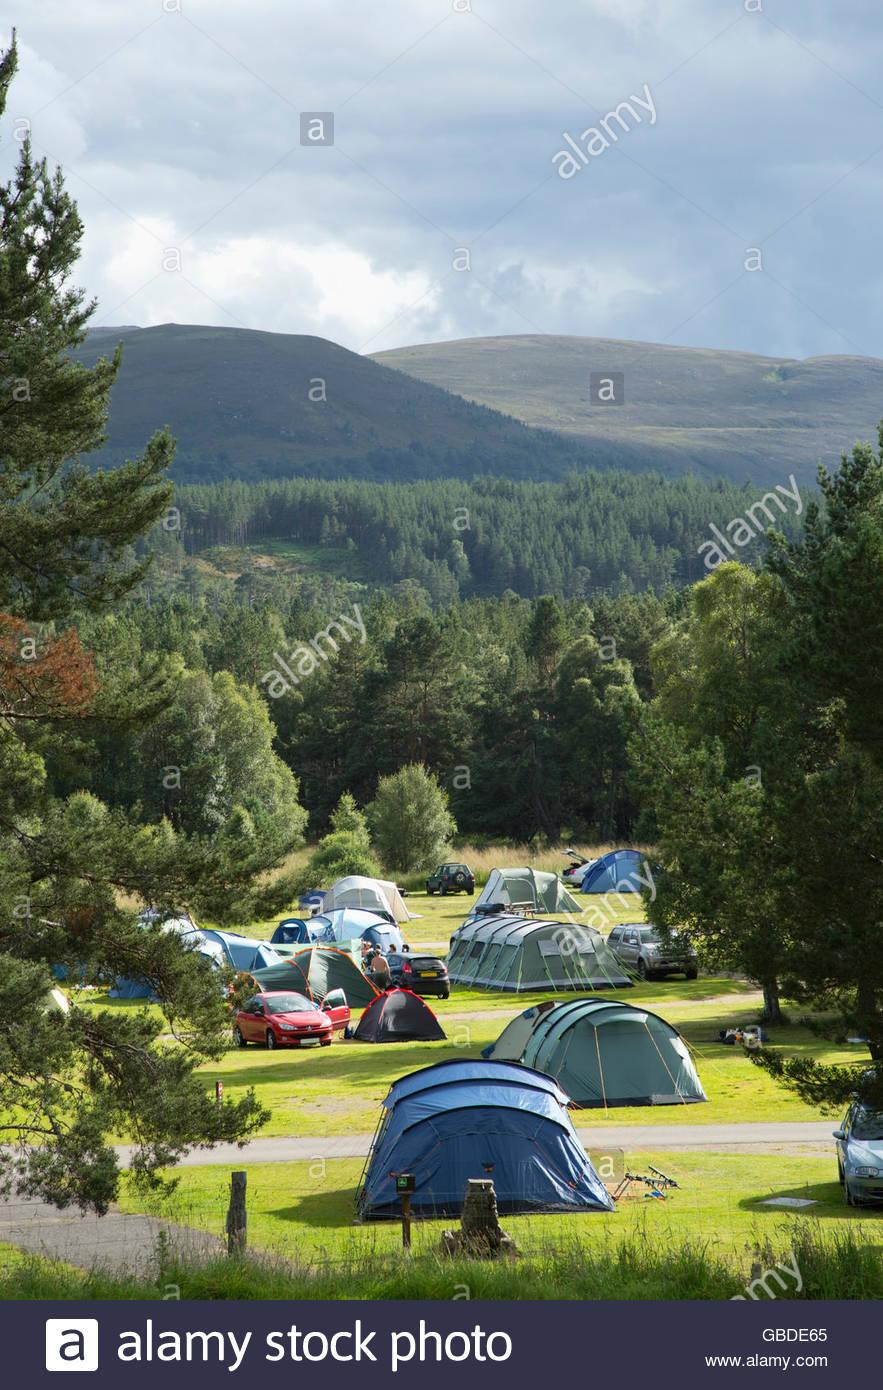 Le camping à Glenmore Forest Park près d'Aviemore, Highlands d'Ecosse. Photo Stock